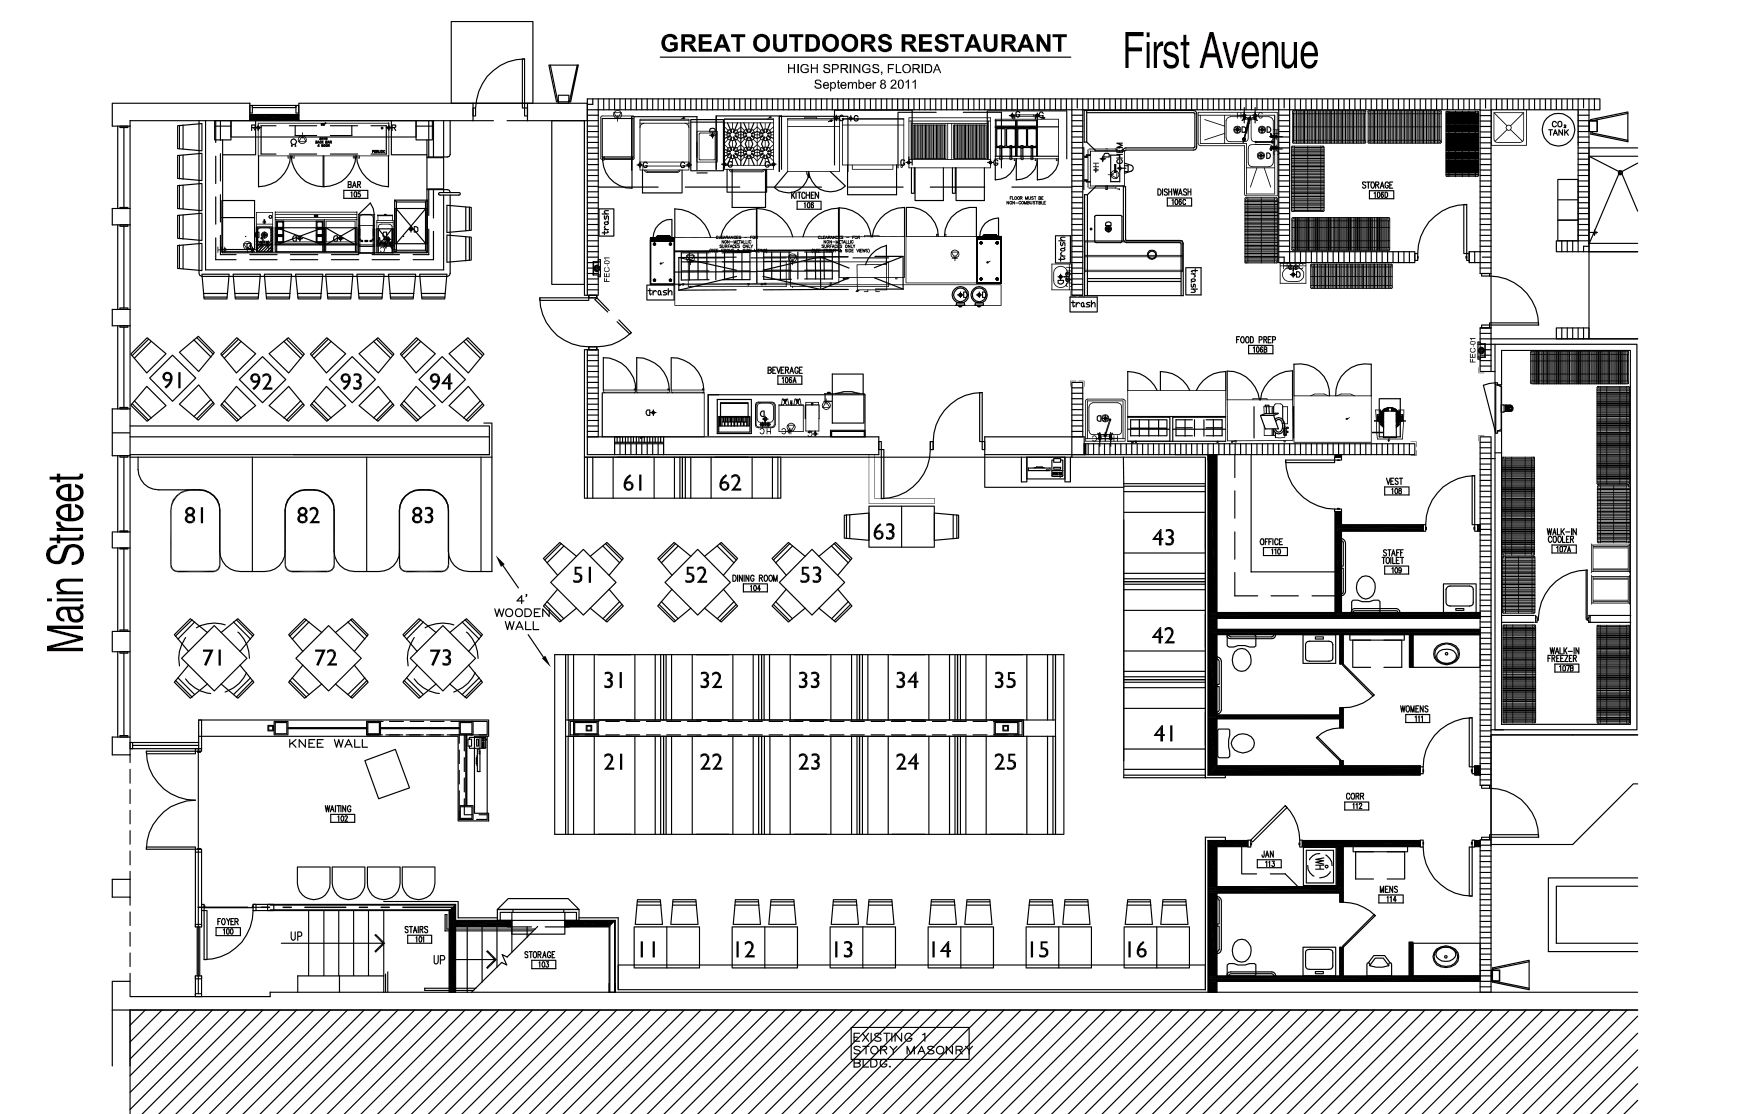 Restaurant Interior Design Floor Plan Tim Voi Google